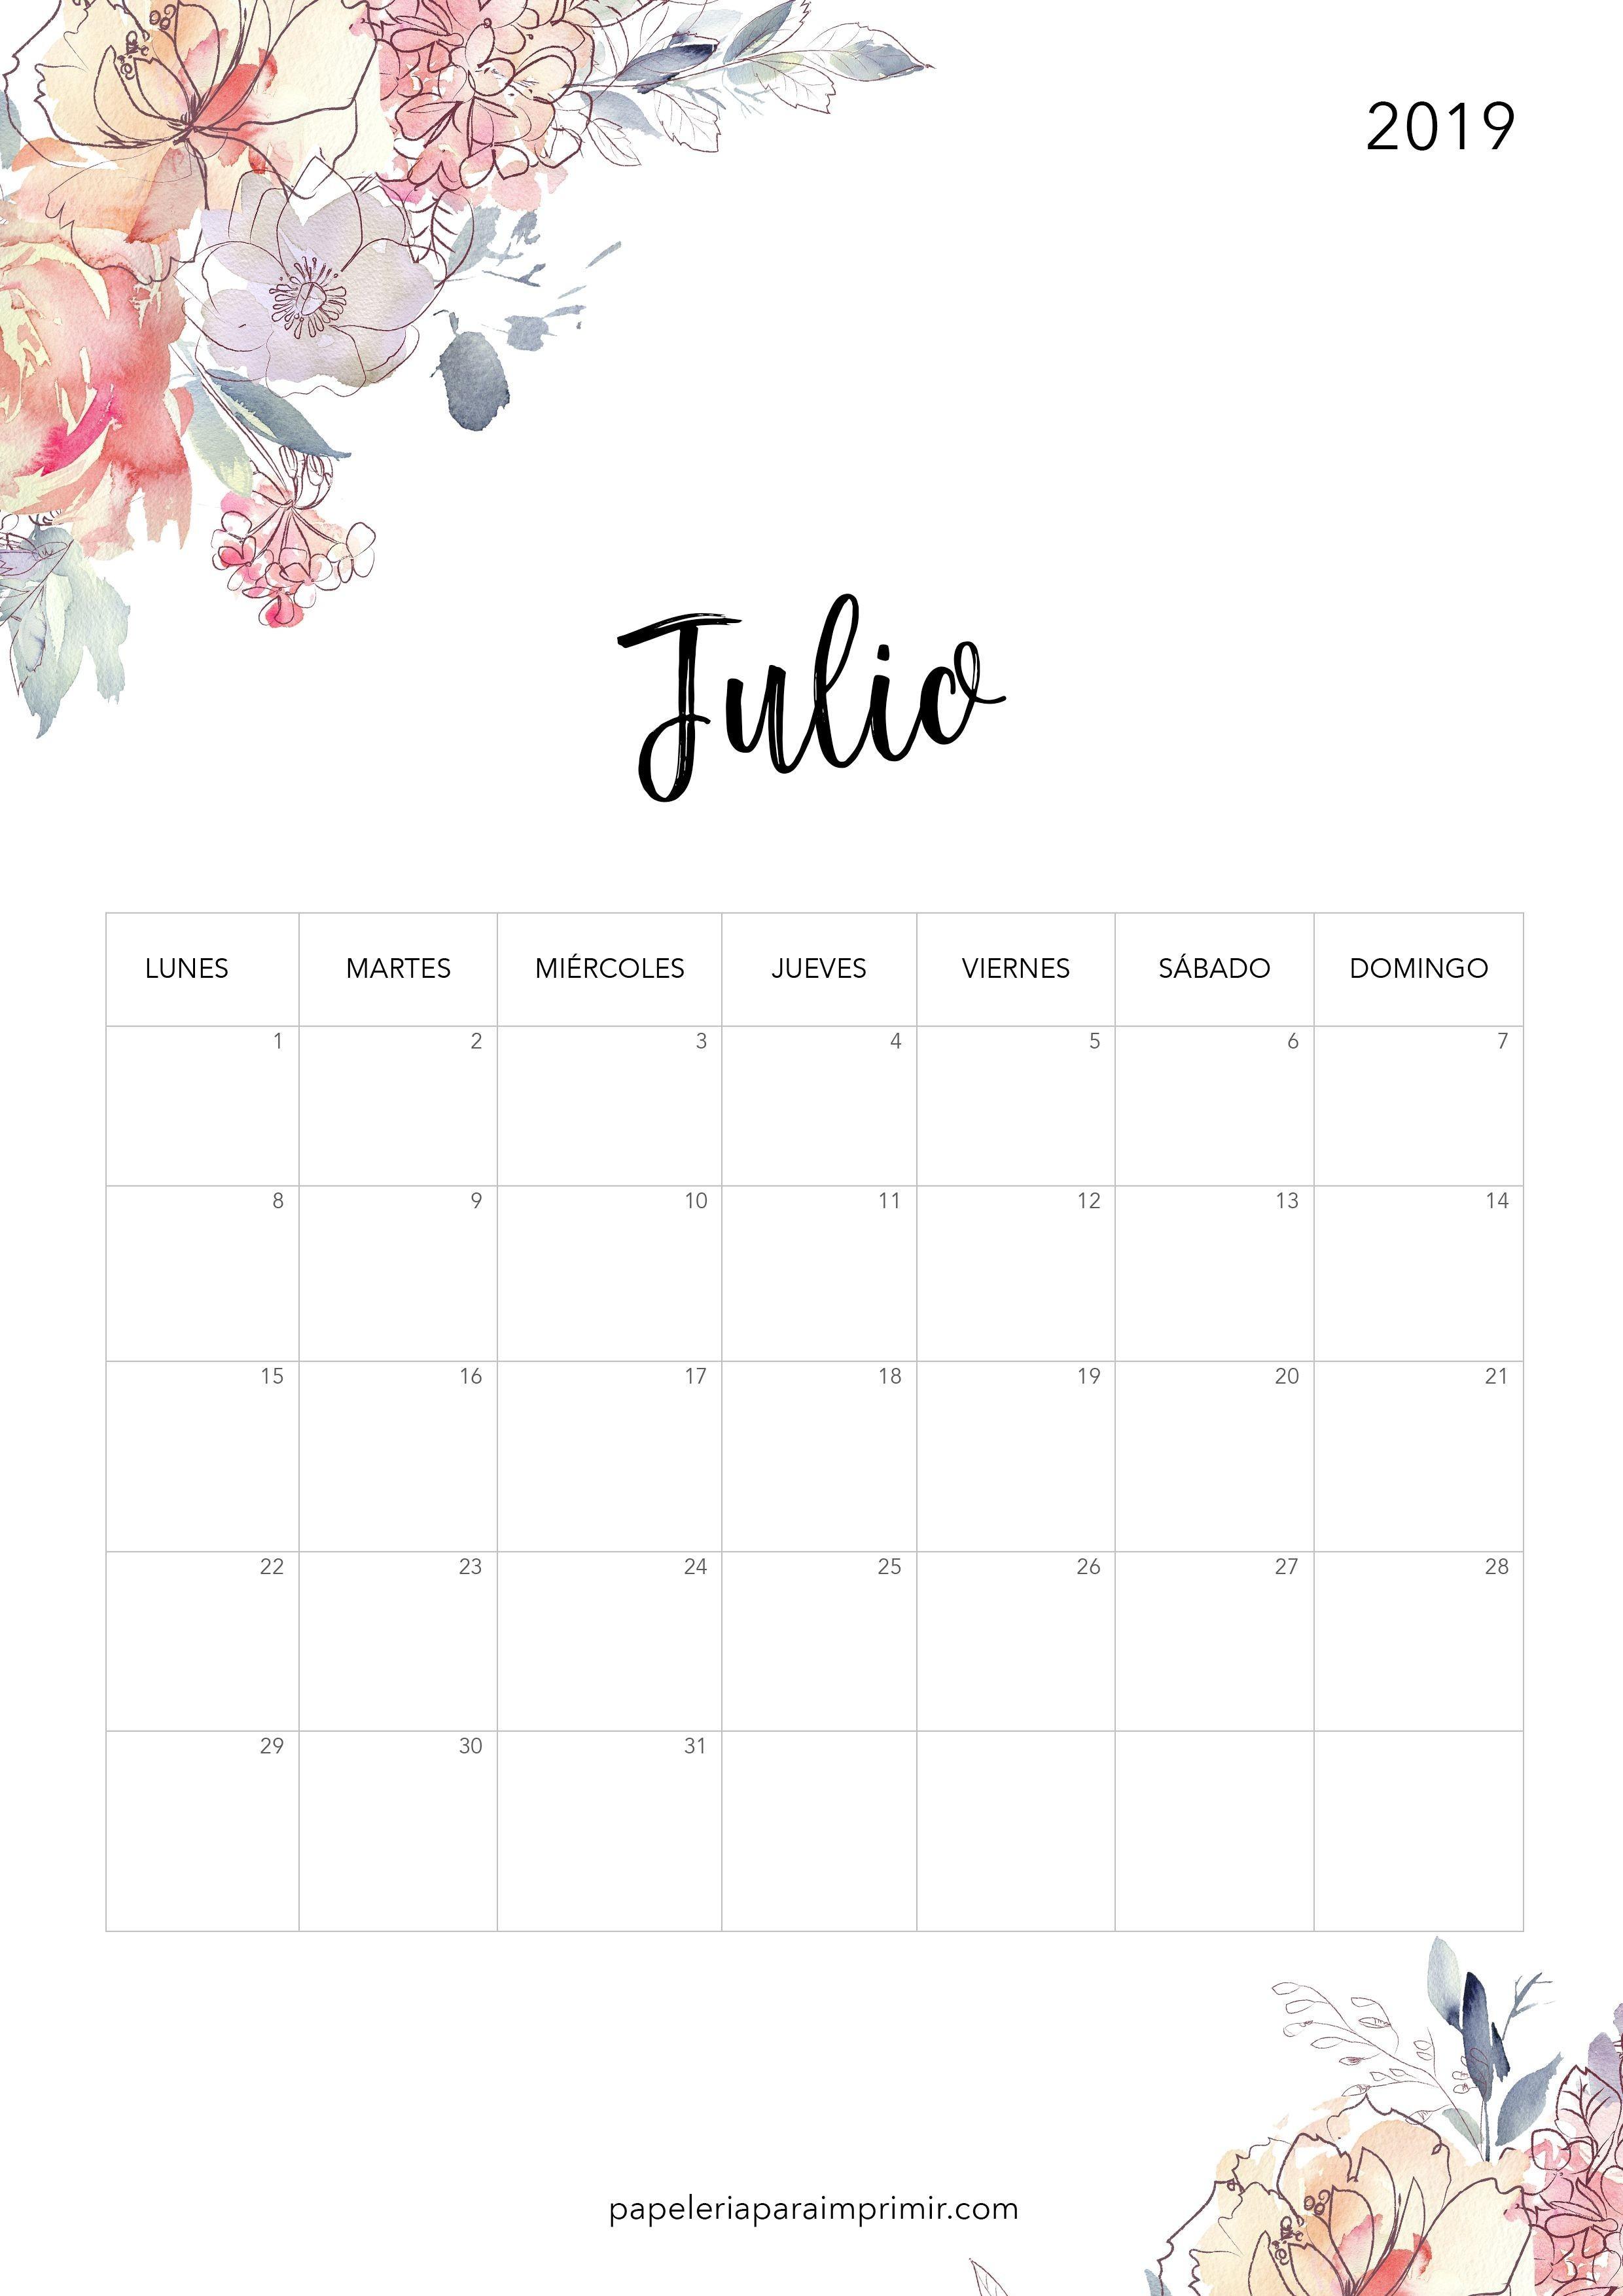 Calendario 2019 Enero Zbinden Más Reciente Esto Es A Menudo Calendario 2019 Argentina Para Imprimir Con Of Calendario 2019 Enero Zbinden Mejores Y Más Novedosos 2019 Portugal Calendario Feriados Excel